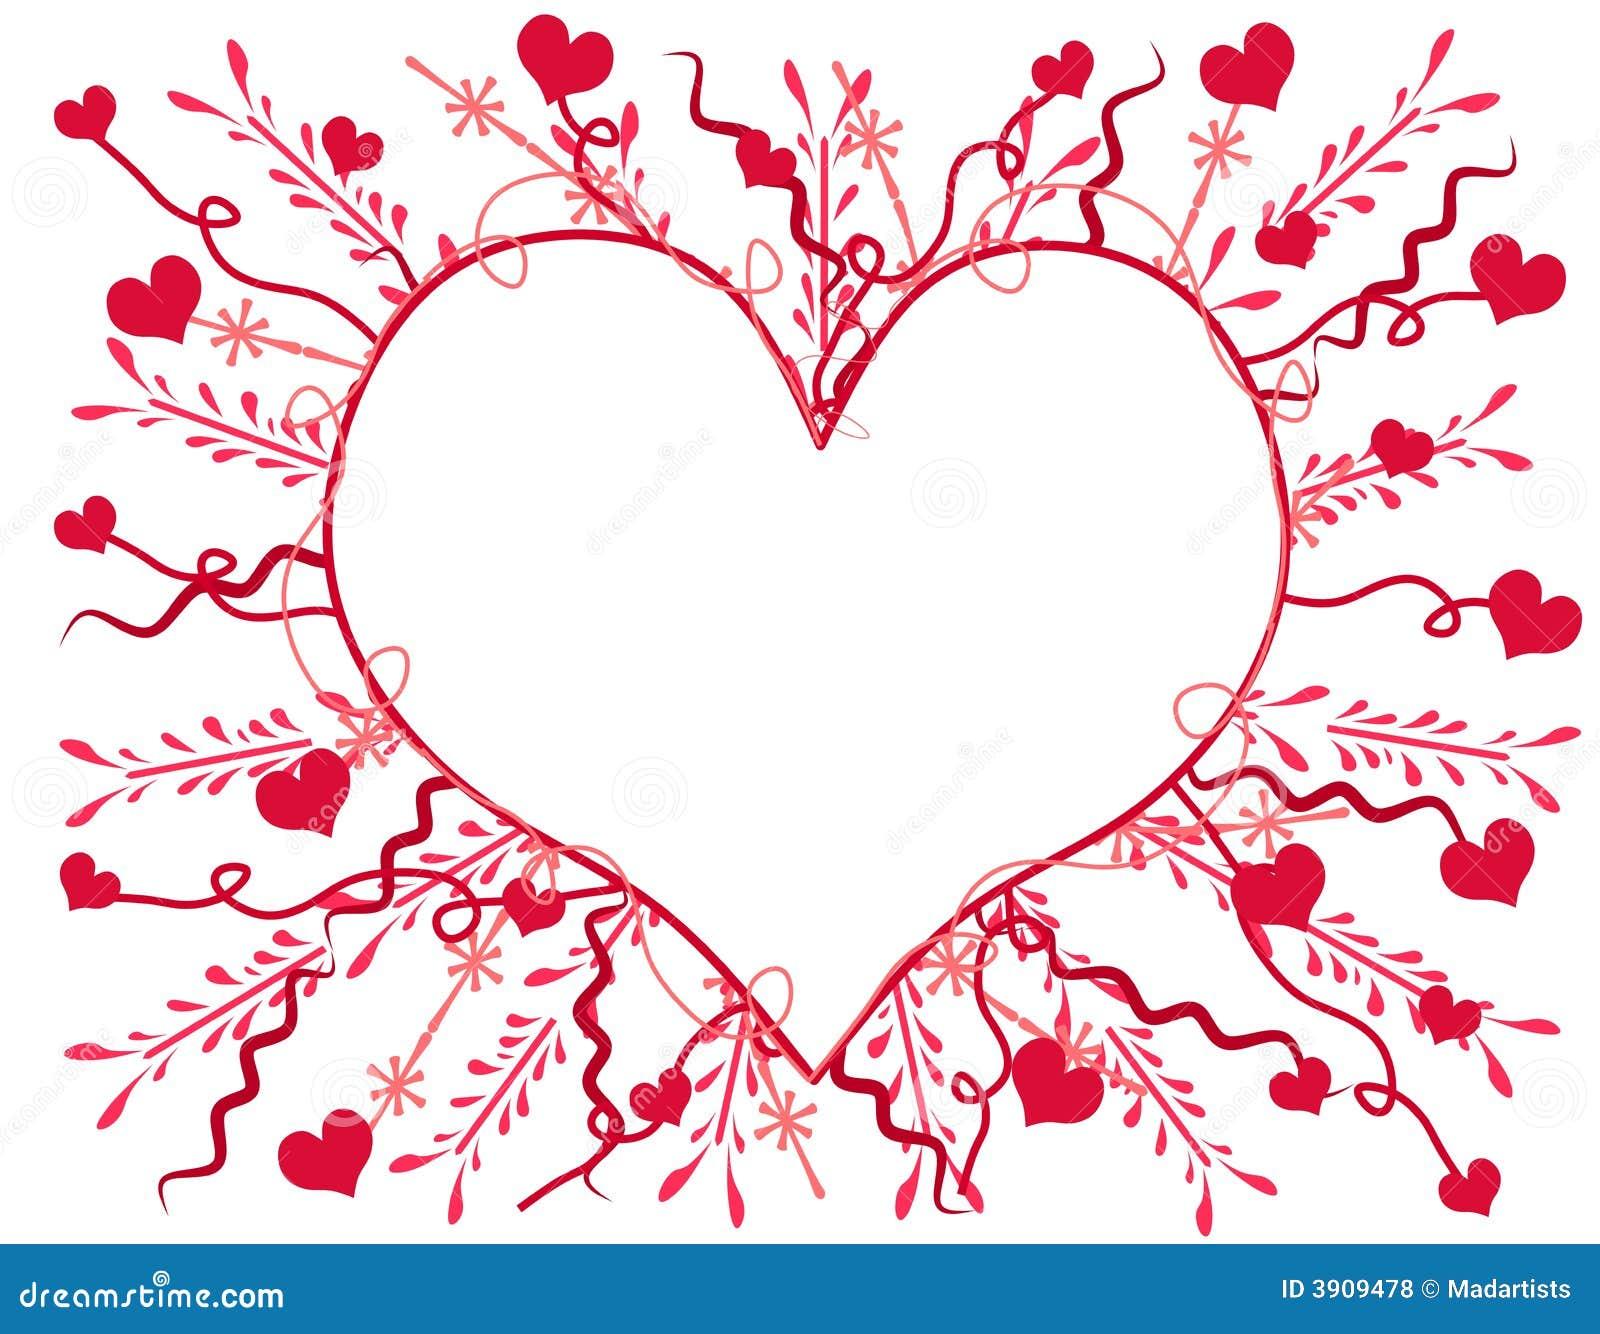 valentines heart images - Hizir kaptanband co